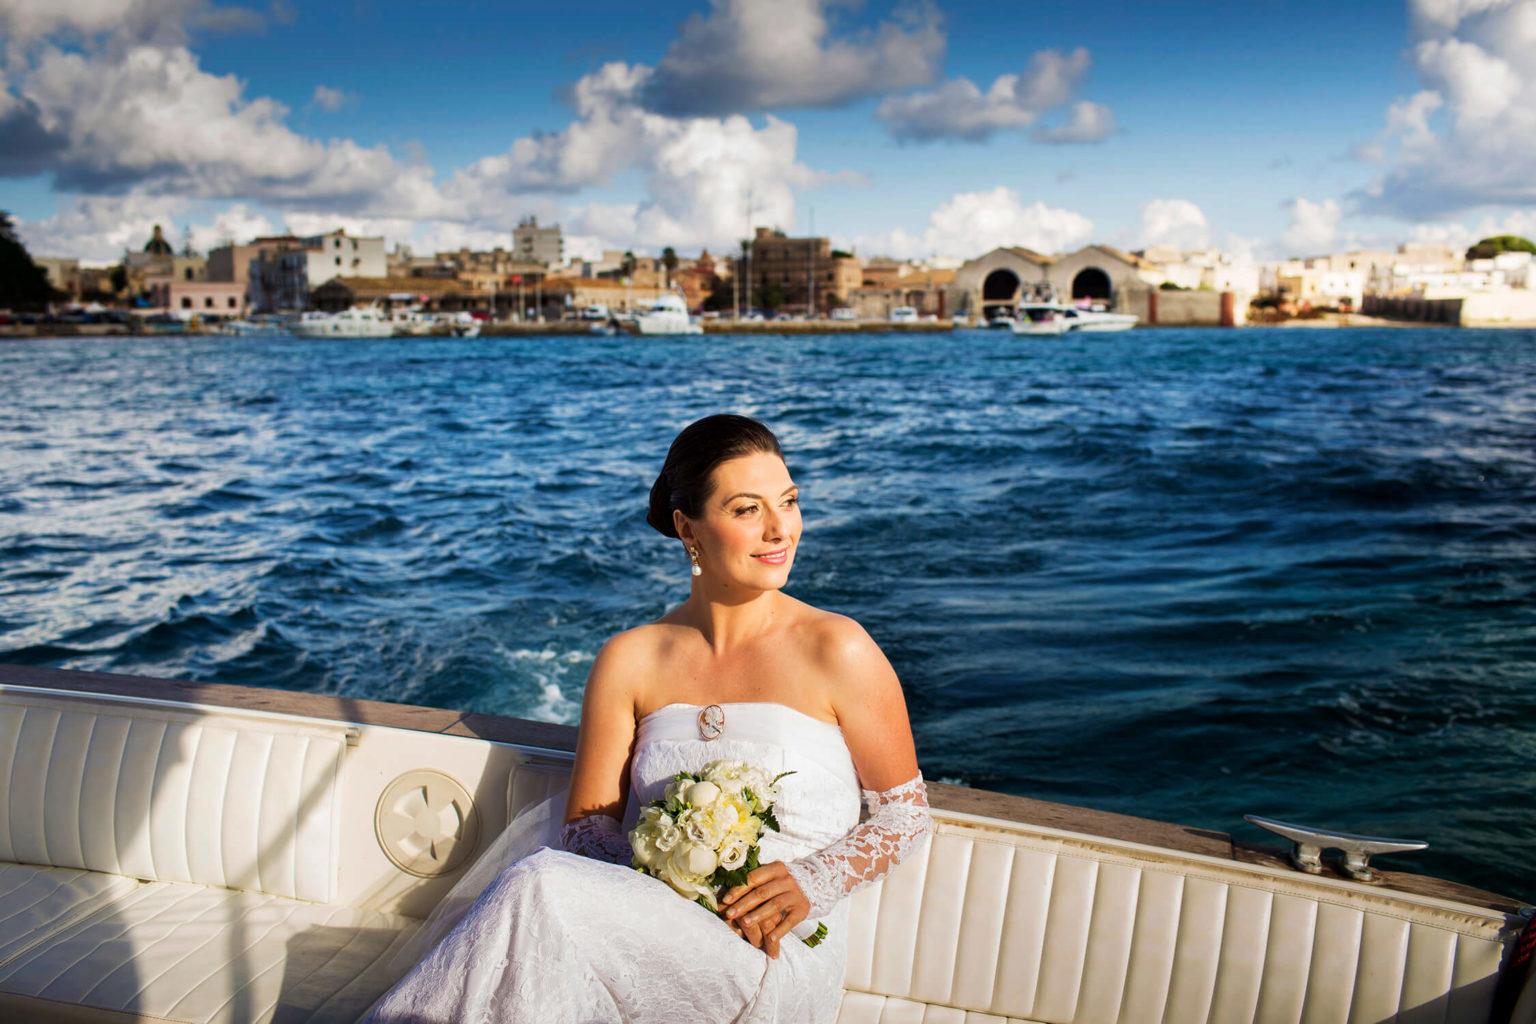 Matrimonio a Favignana Servizio fotografico Sposa in barca